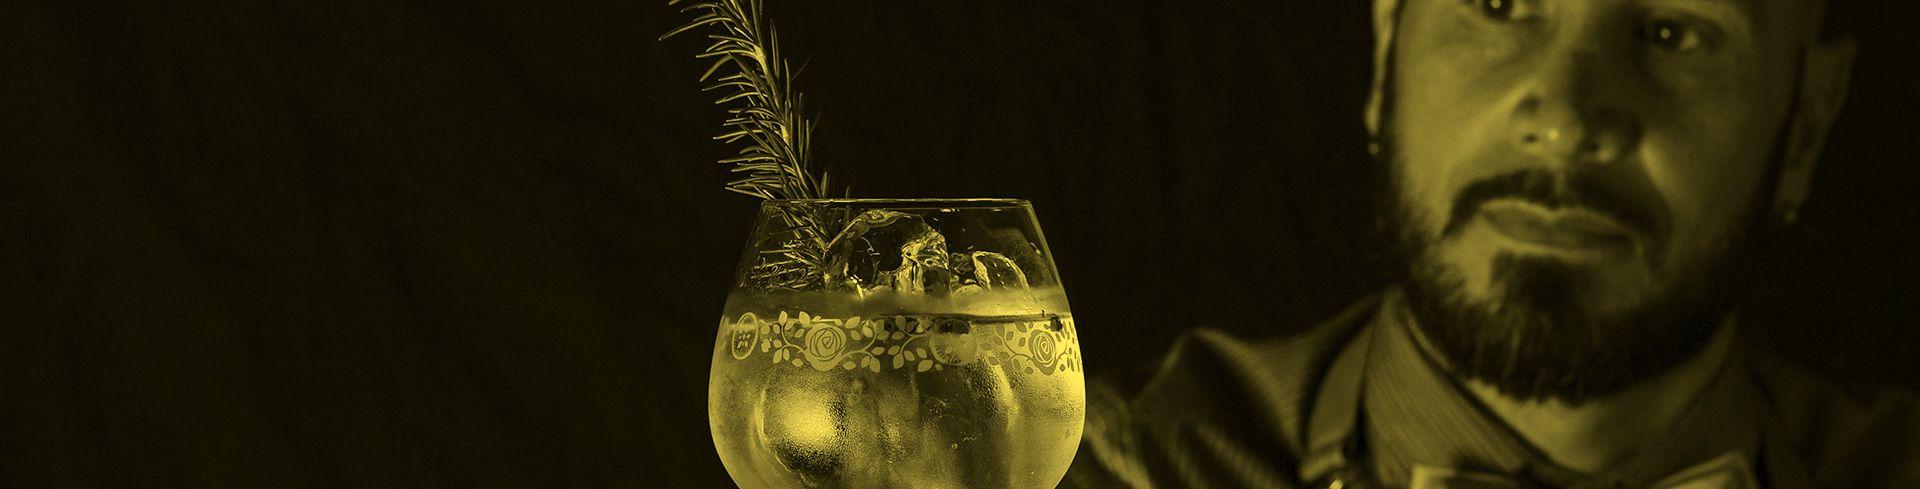 Curso Bartender y Sommelier: análisis sensorial de vinos y otras bebidas alcohólicas